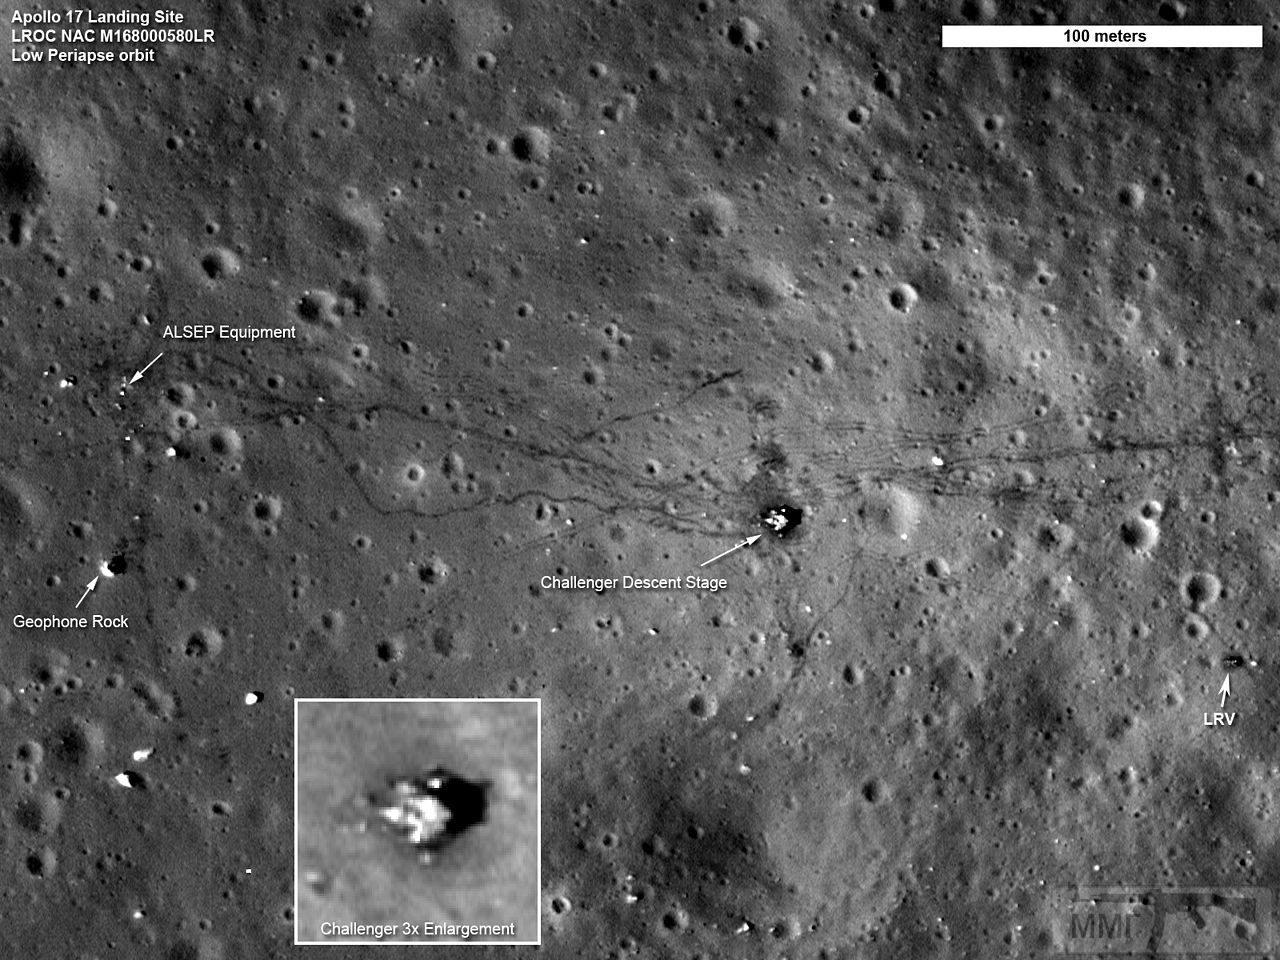 25802 - Лунный заговор как тест на профпригодность